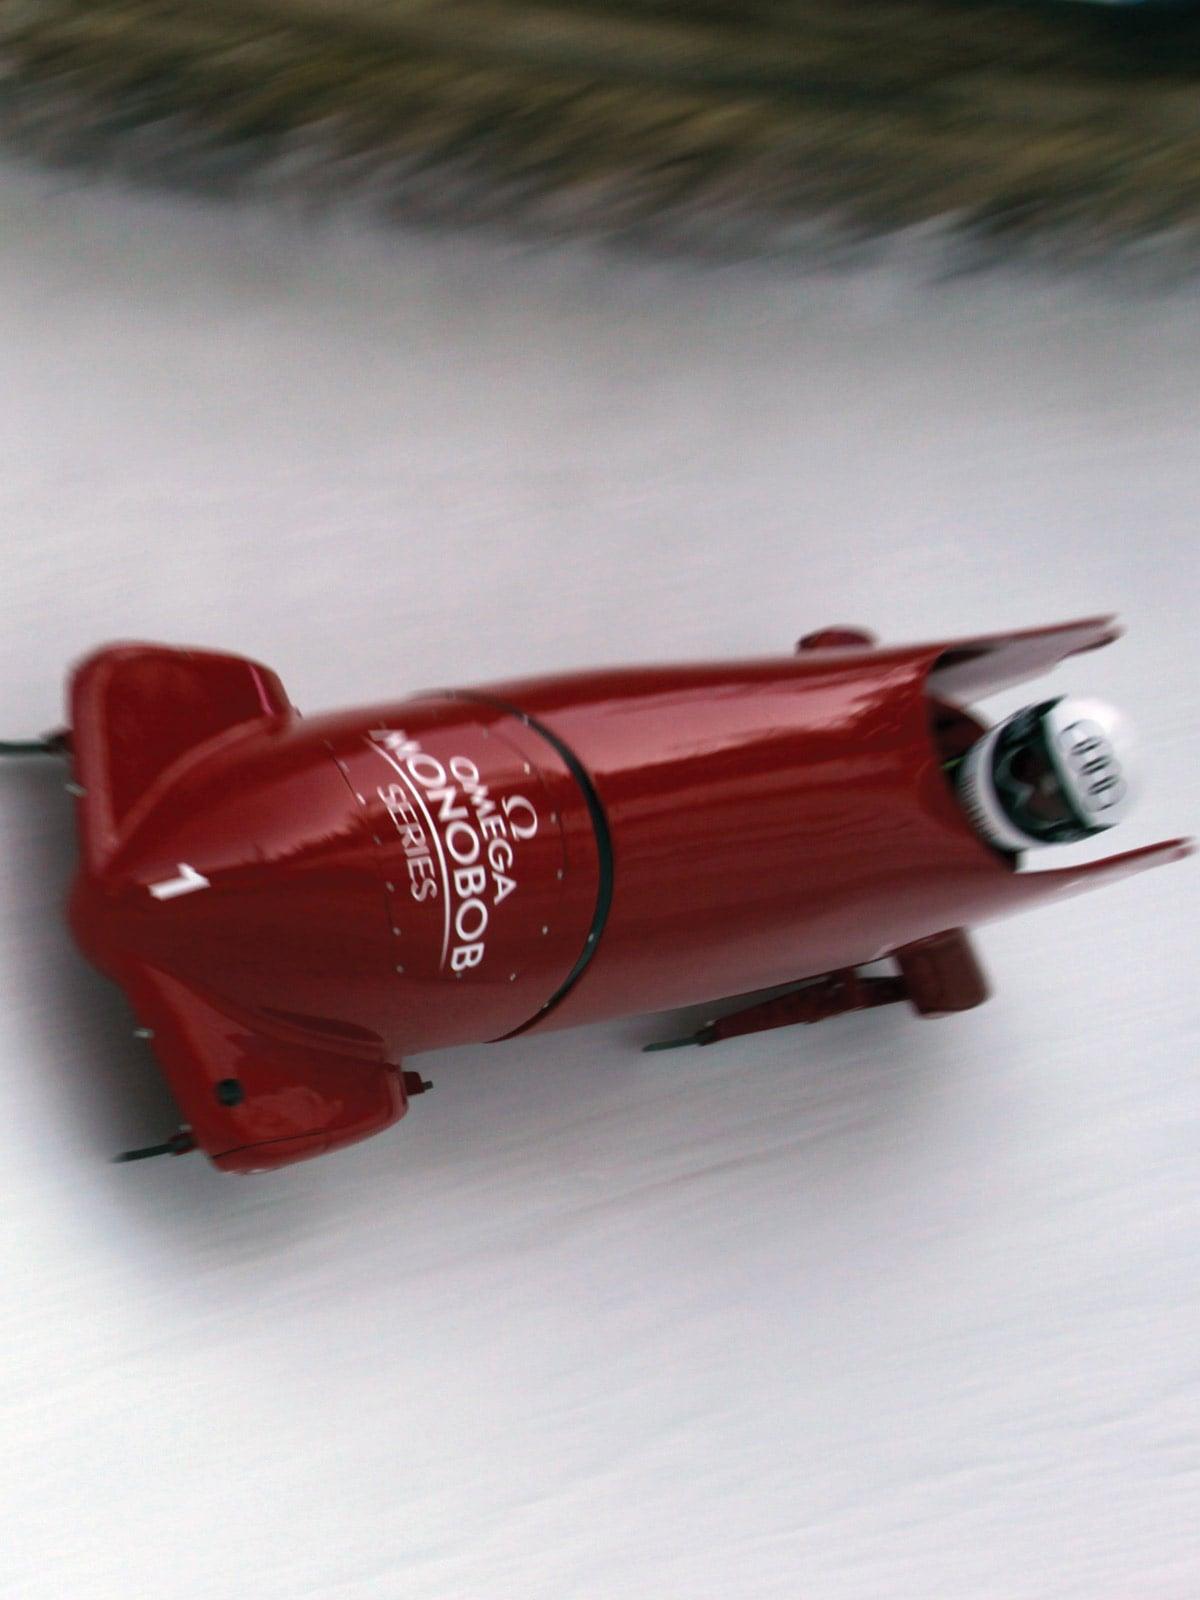 欧米茄腕表: 有舵雪橇与单人有舵雪橇 项目 3 - 6117